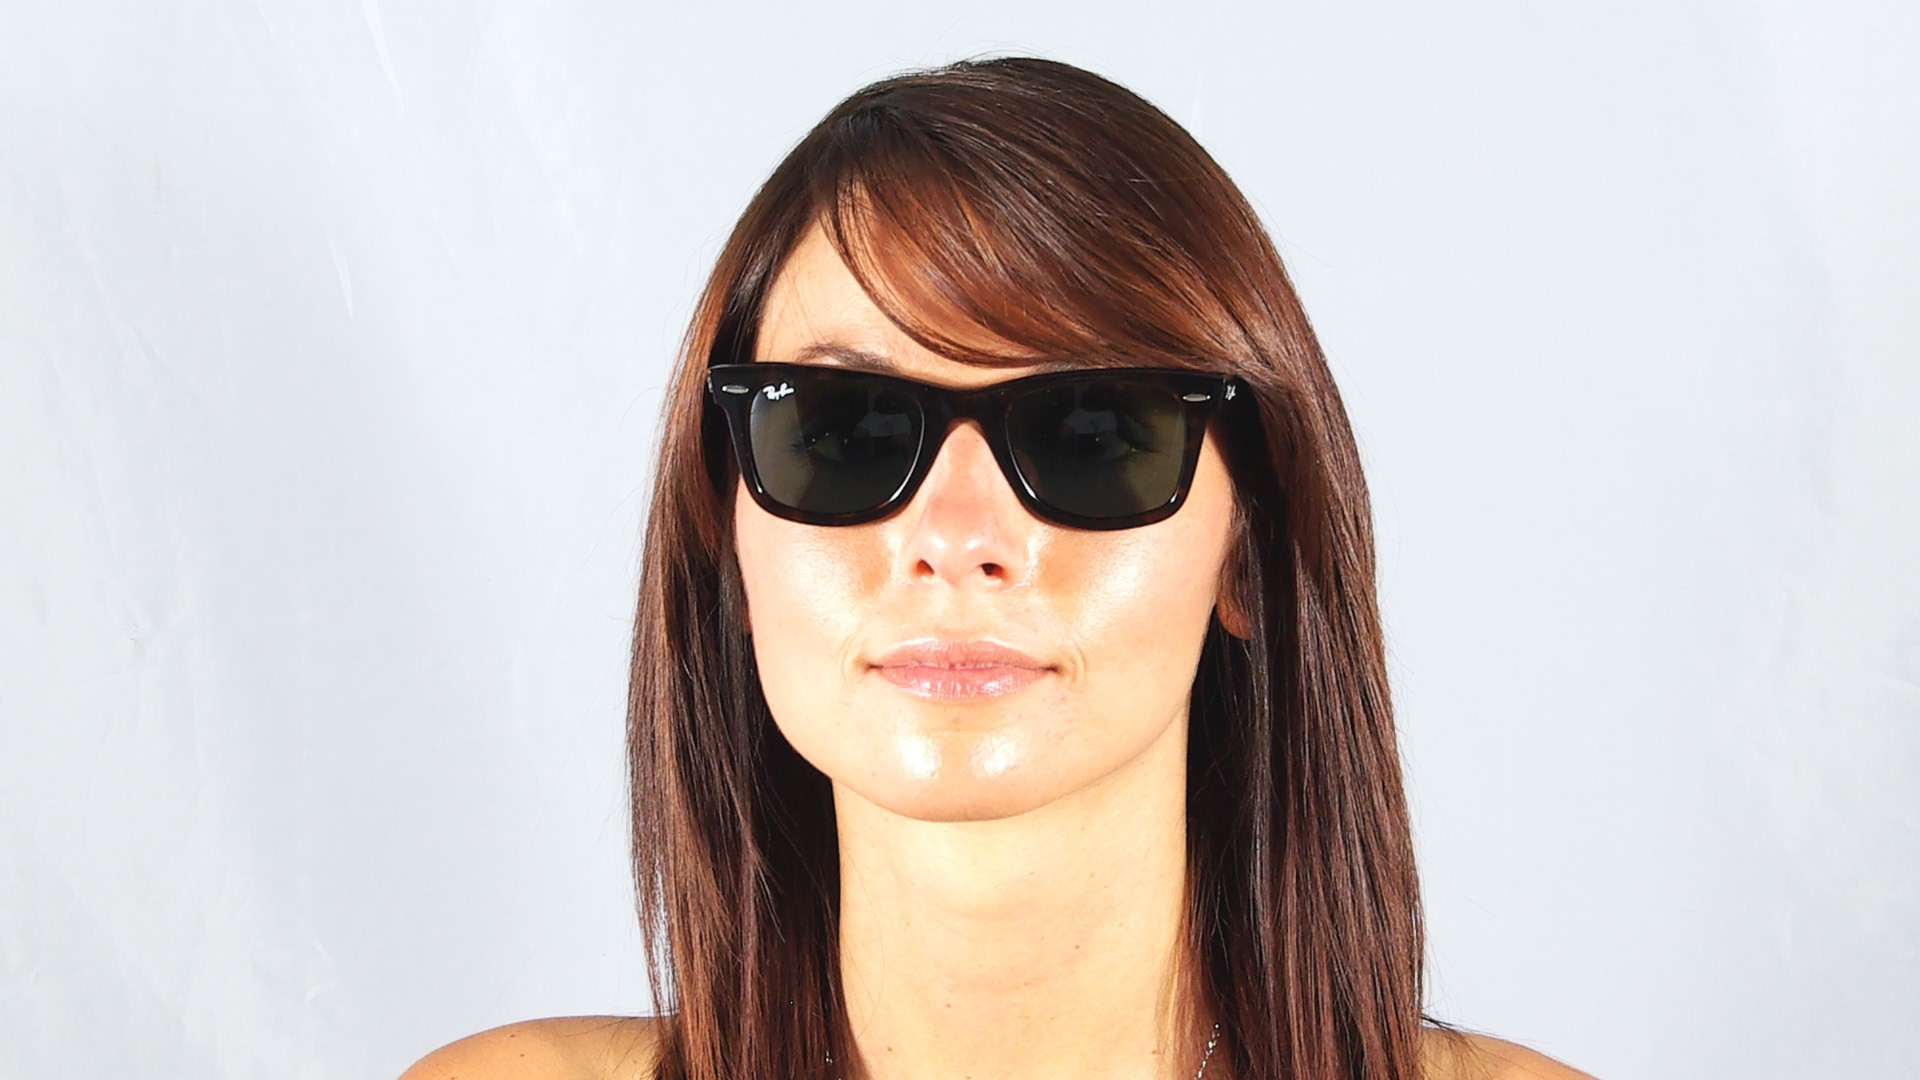 e935fd1dd6b ... 150 42bfc cf63c sweden sunglasses ray ban original wayfarer tortoise rb2140  902 50 22 medium 08d2e 607d1 ...